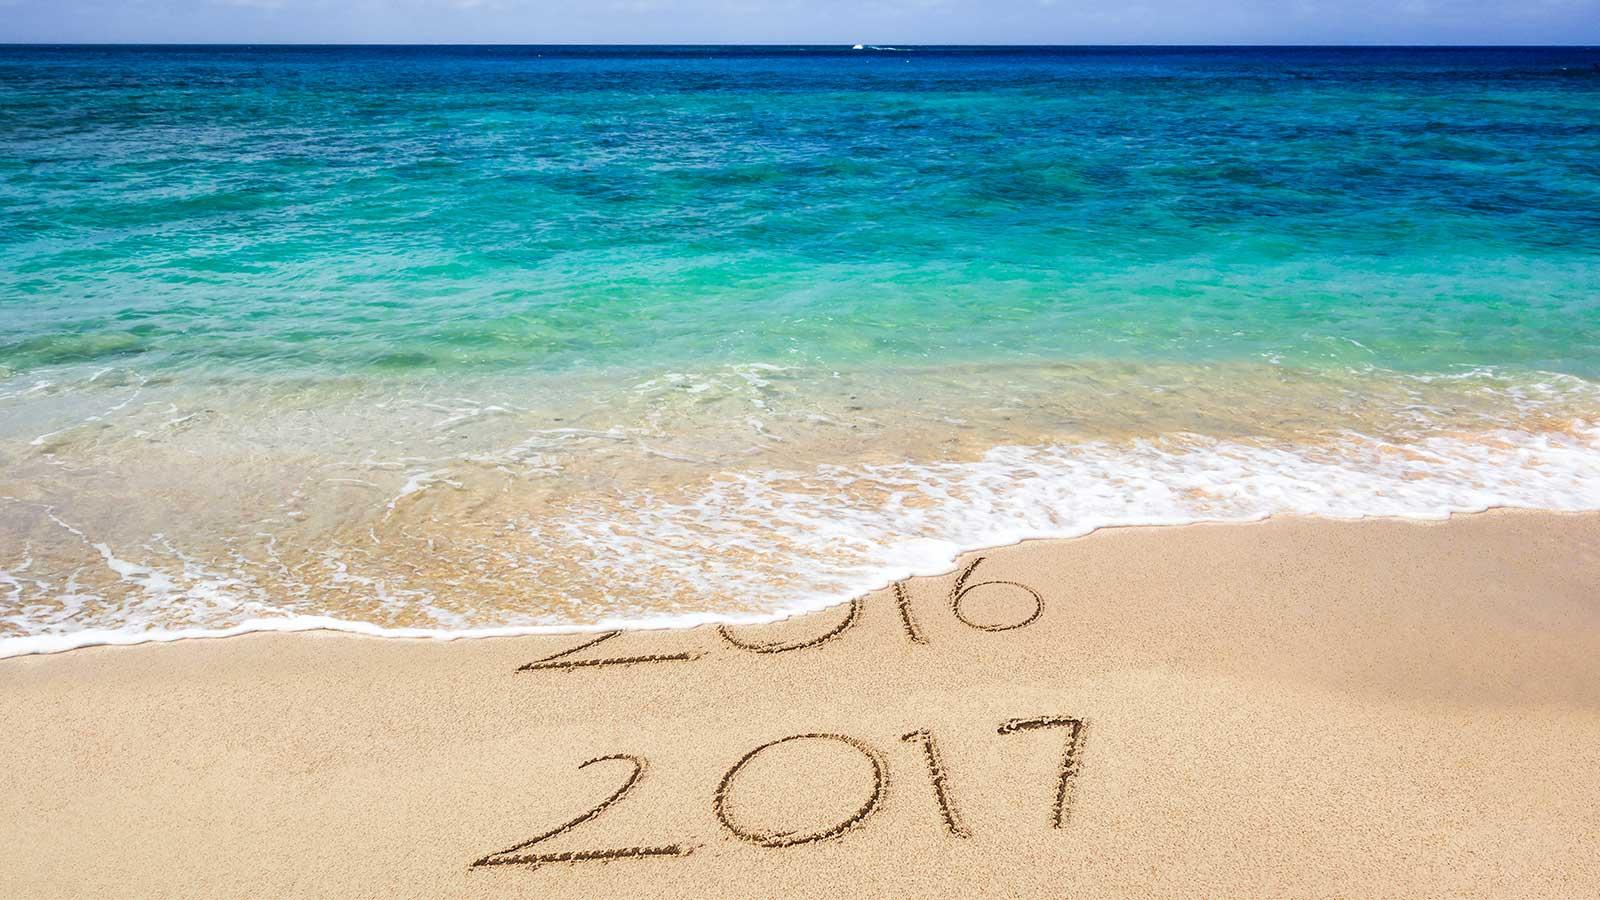 happy new year from kuredu